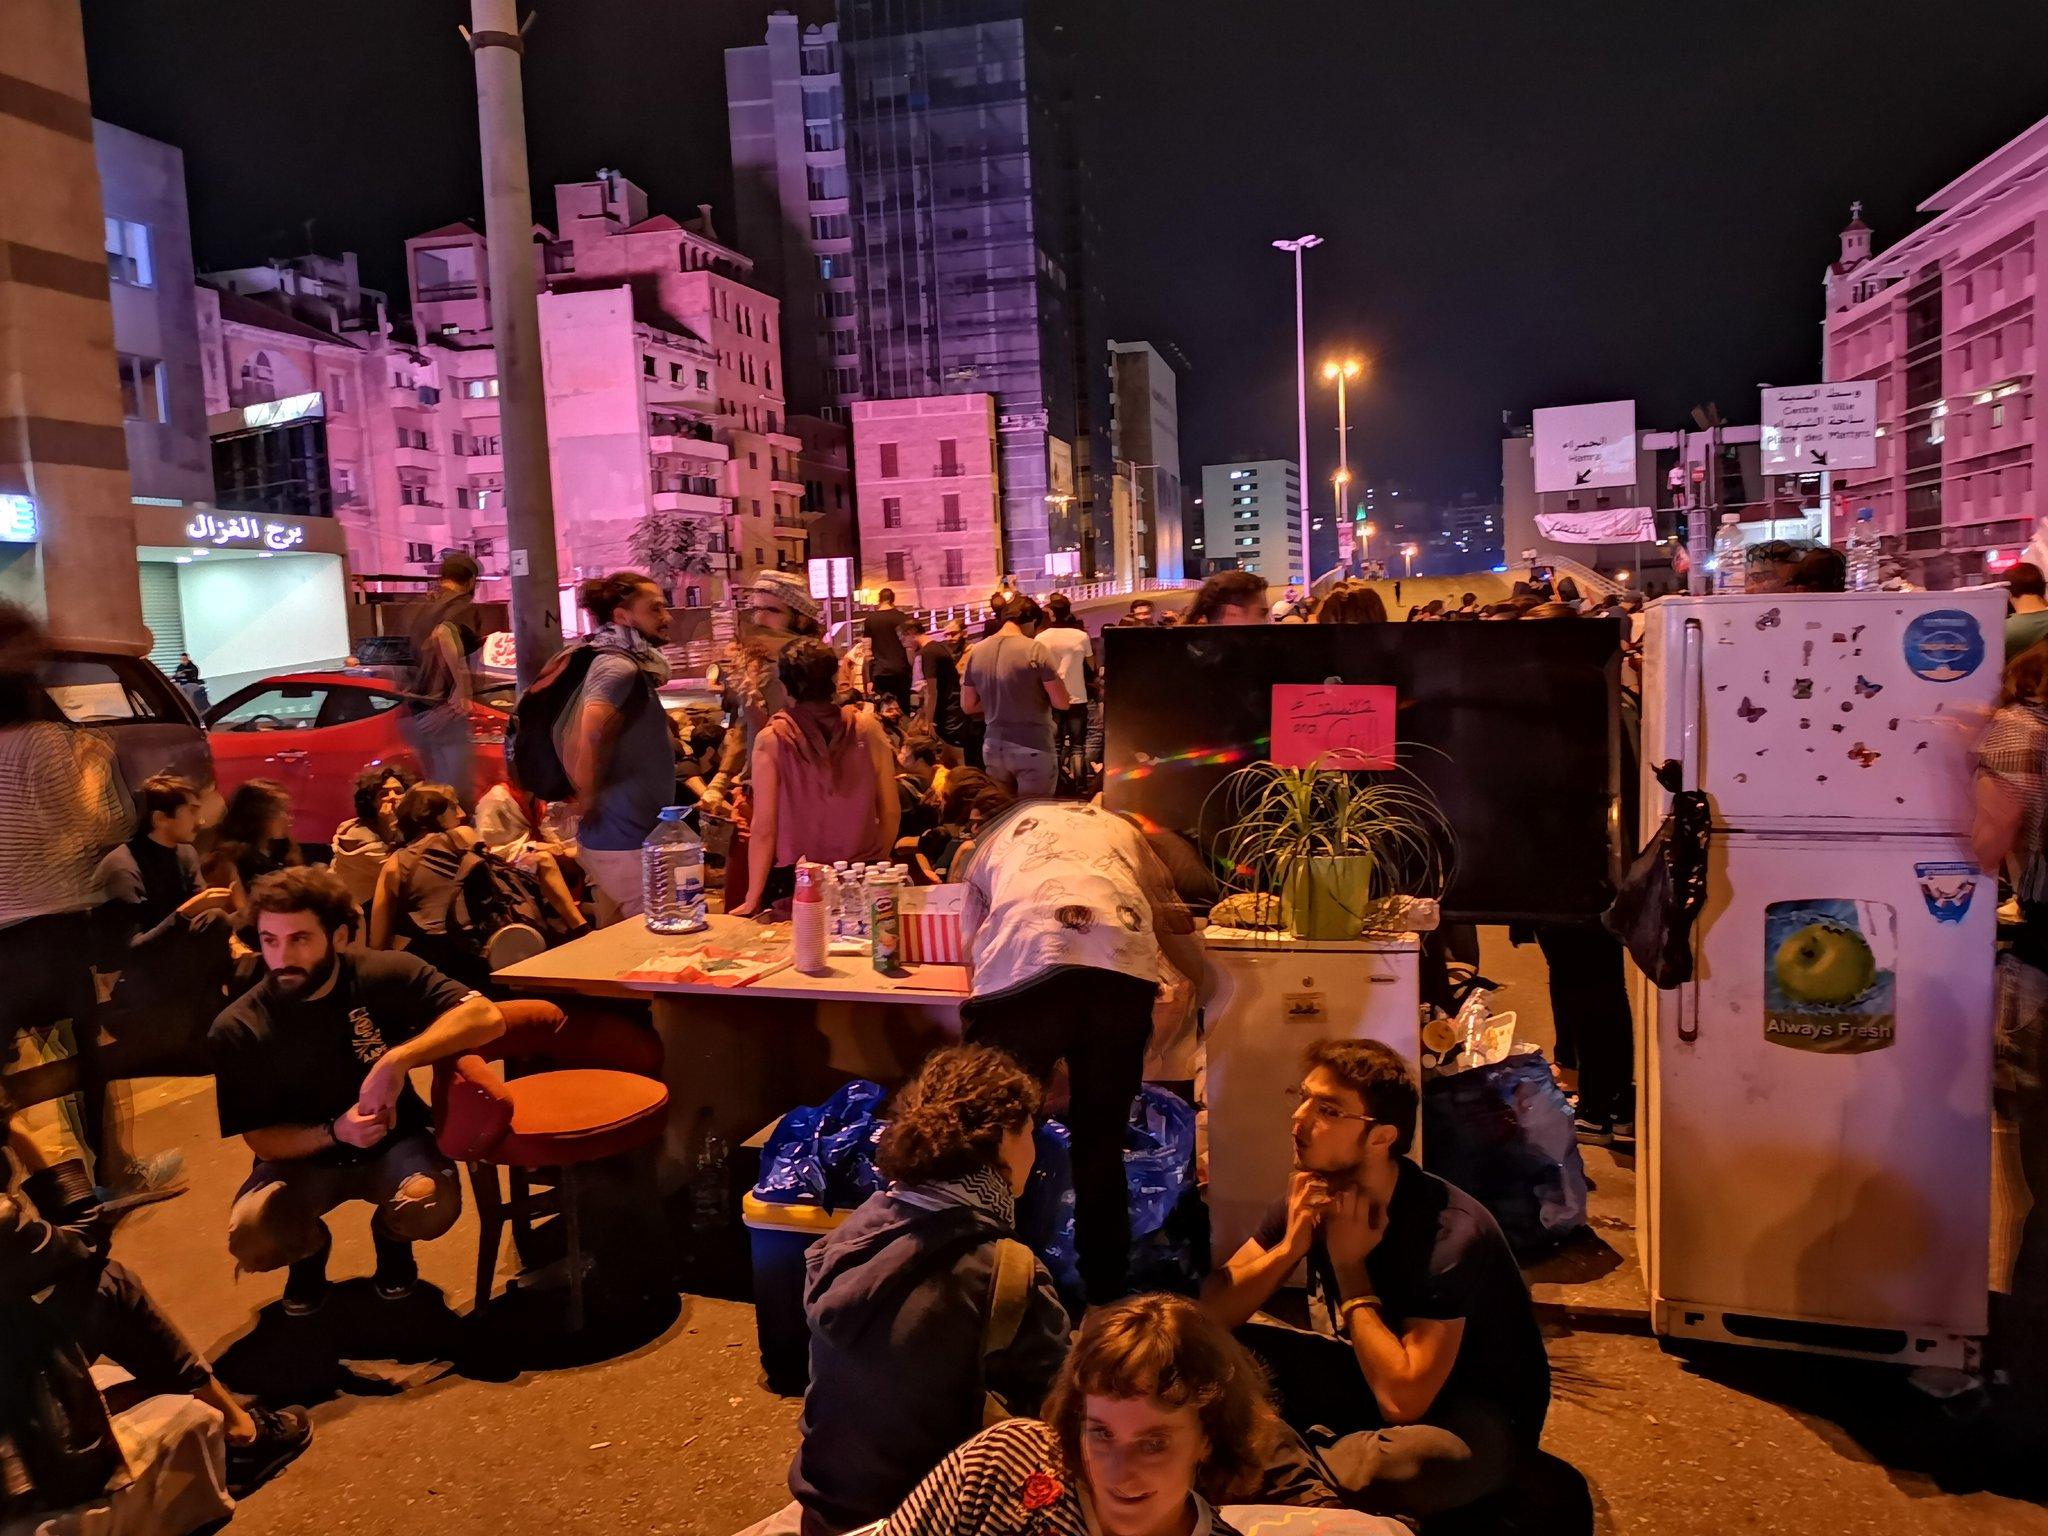 صور.. طريقة جديدة يعتمدها اللبنانيون لإغلاق الطرقات خلال الحراك الشعبي